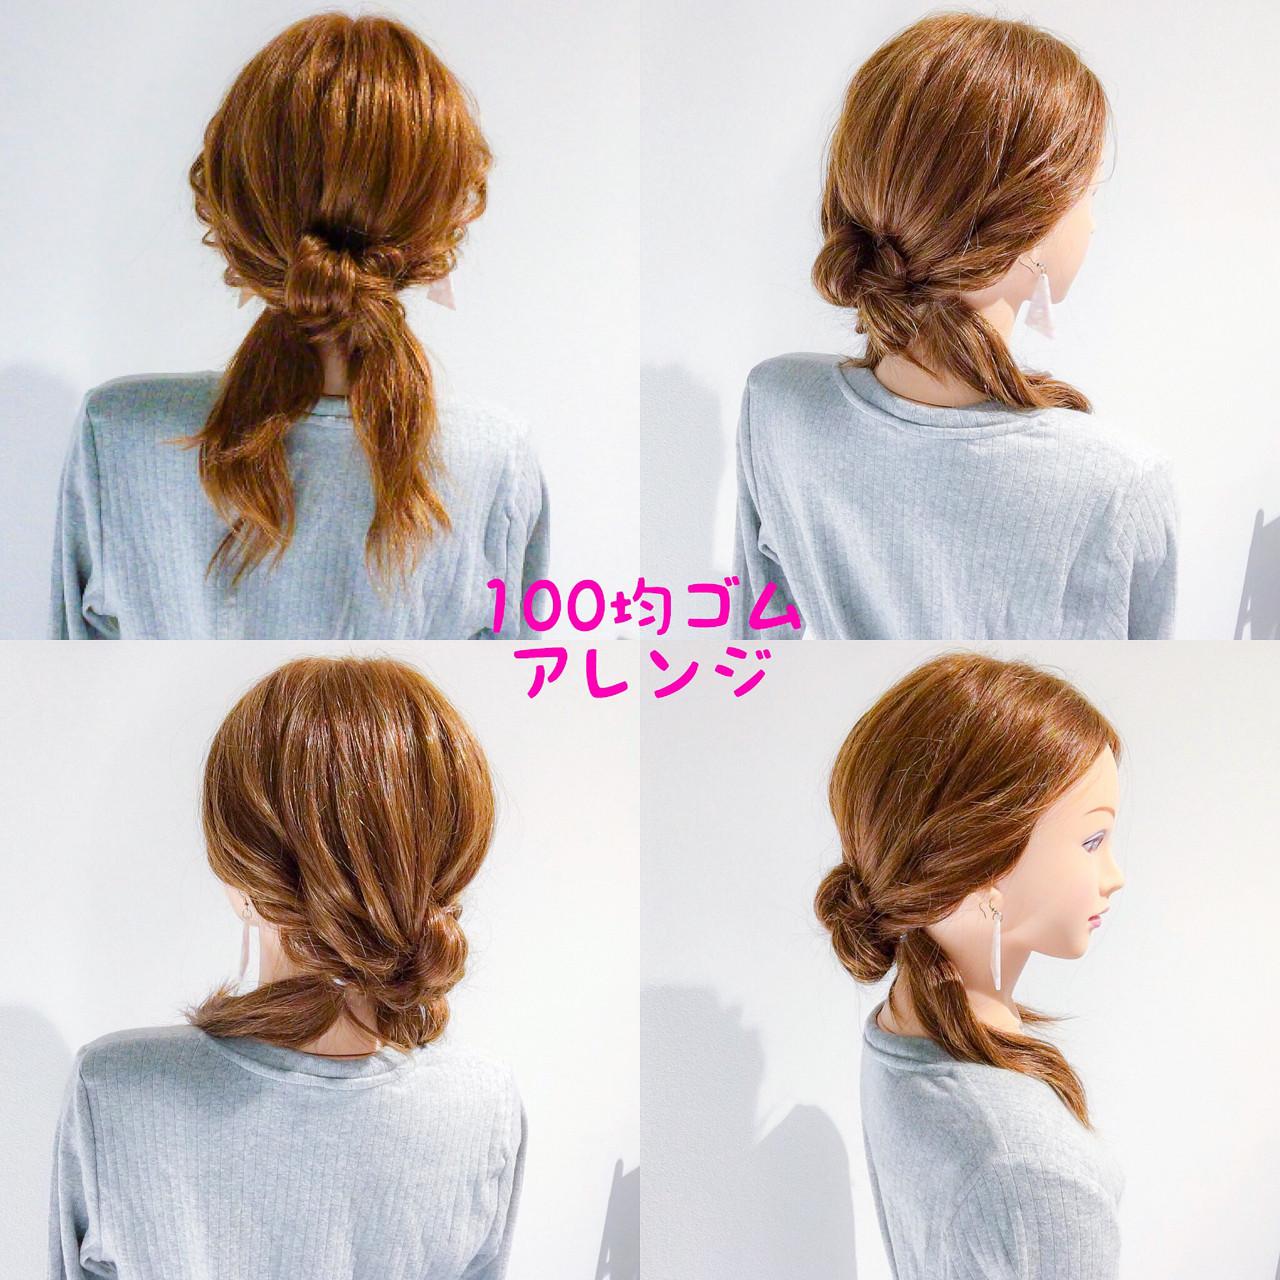 フェミニン デート アウトドア セミロング ヘアスタイルや髪型の写真・画像 | 美容師HIRO/Amoute代表 / Amoute/アムティ